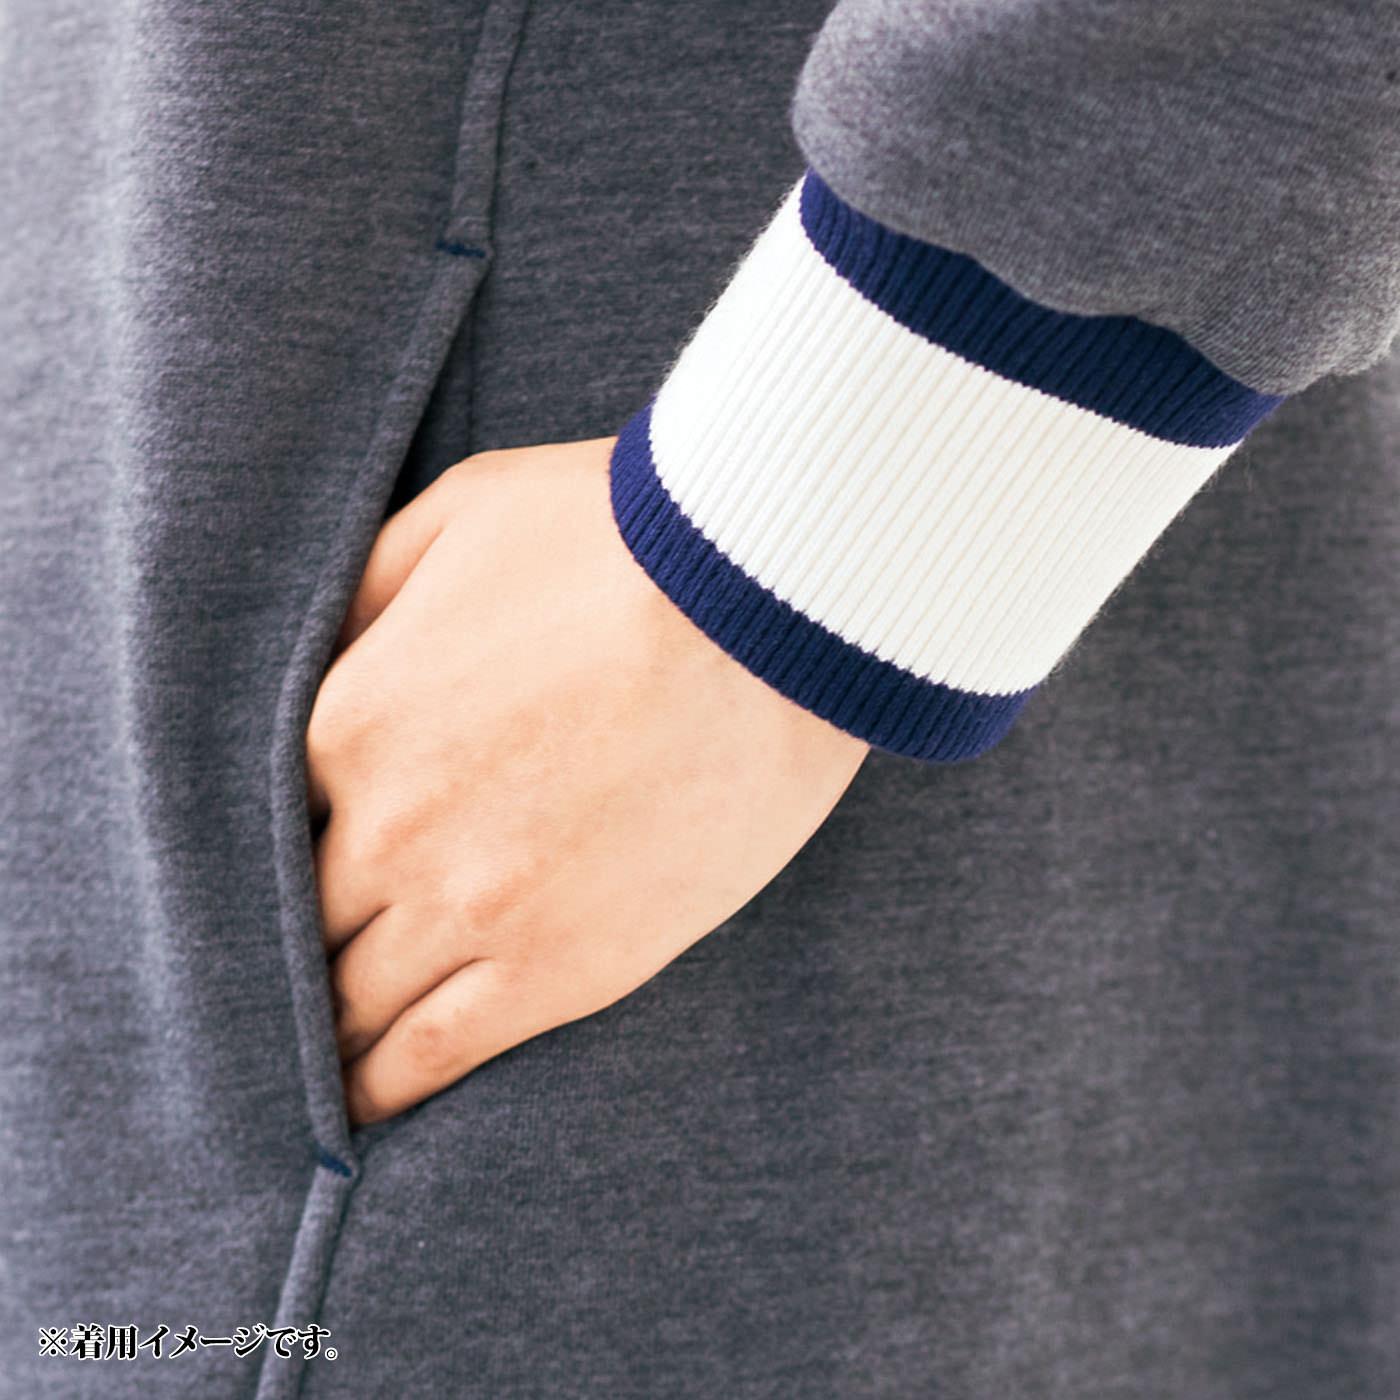 袖口の幅広リブで手首からのすき間風をブロック。たくし上げても袖がずり落ちにくいから、家事をするときも快適。 ※お届けするカラーとは異なります。